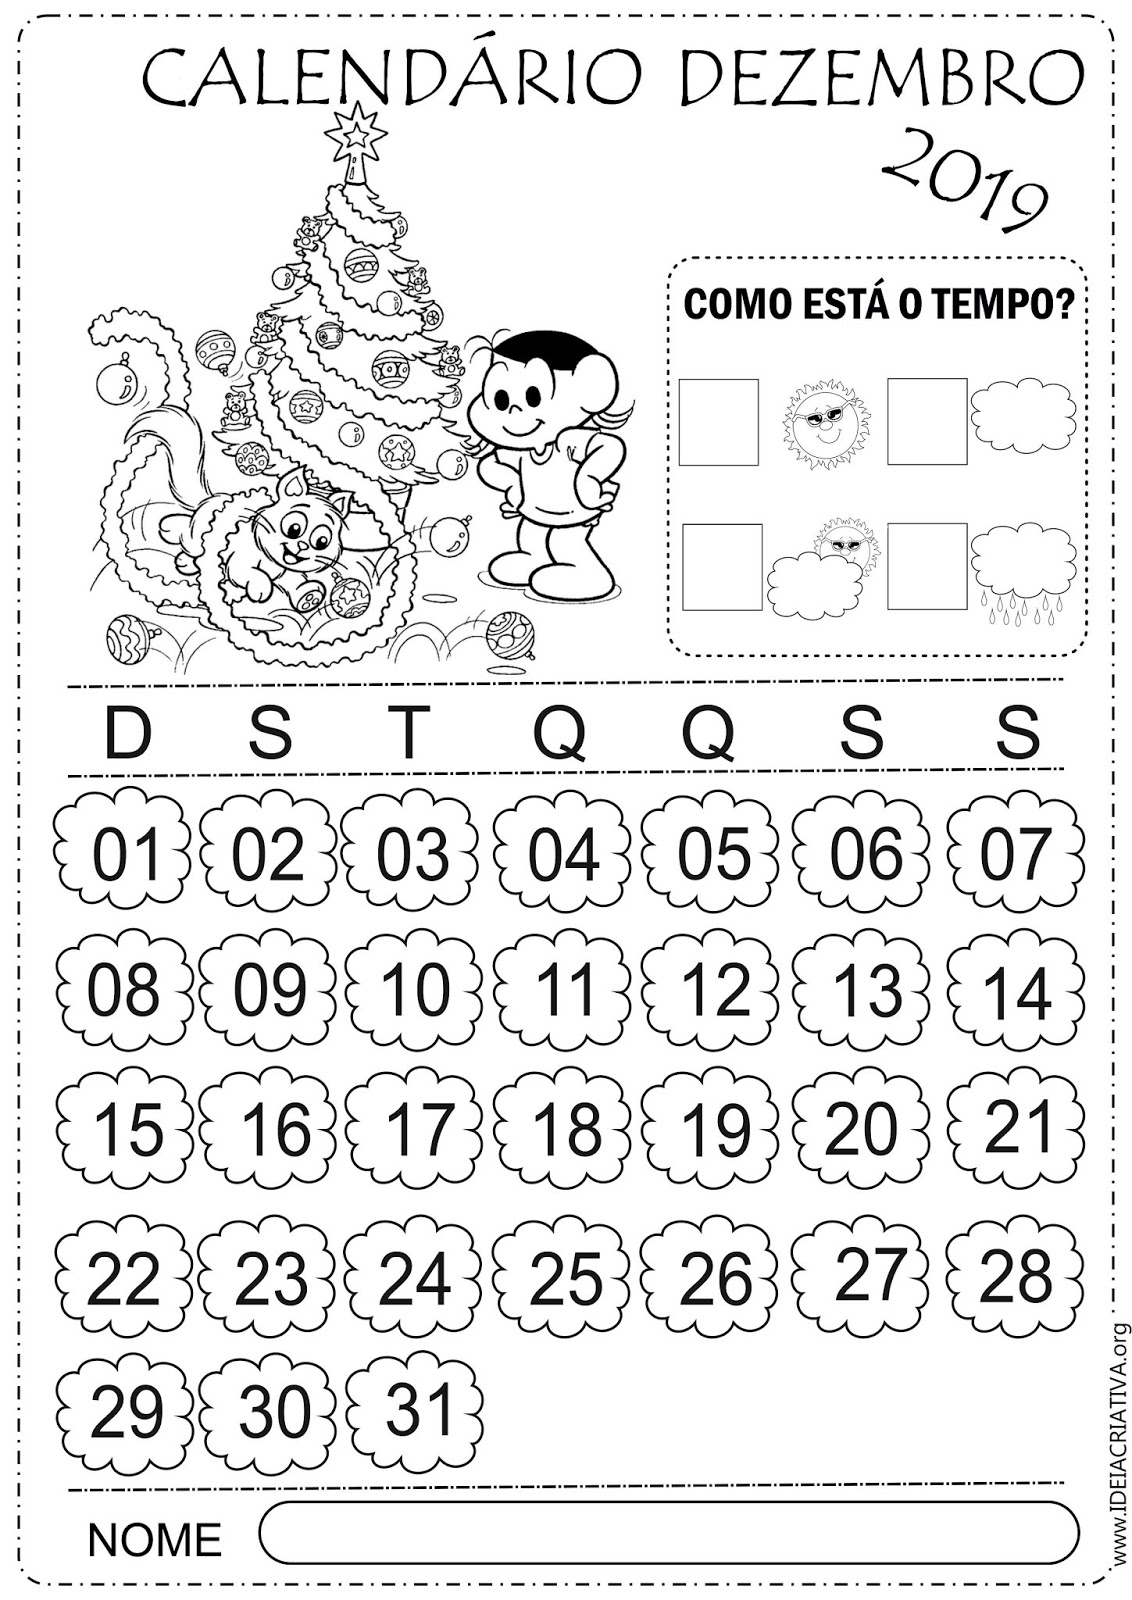 Calendários Dezembro Turma Da Mônica 2019 Para Imprimir E